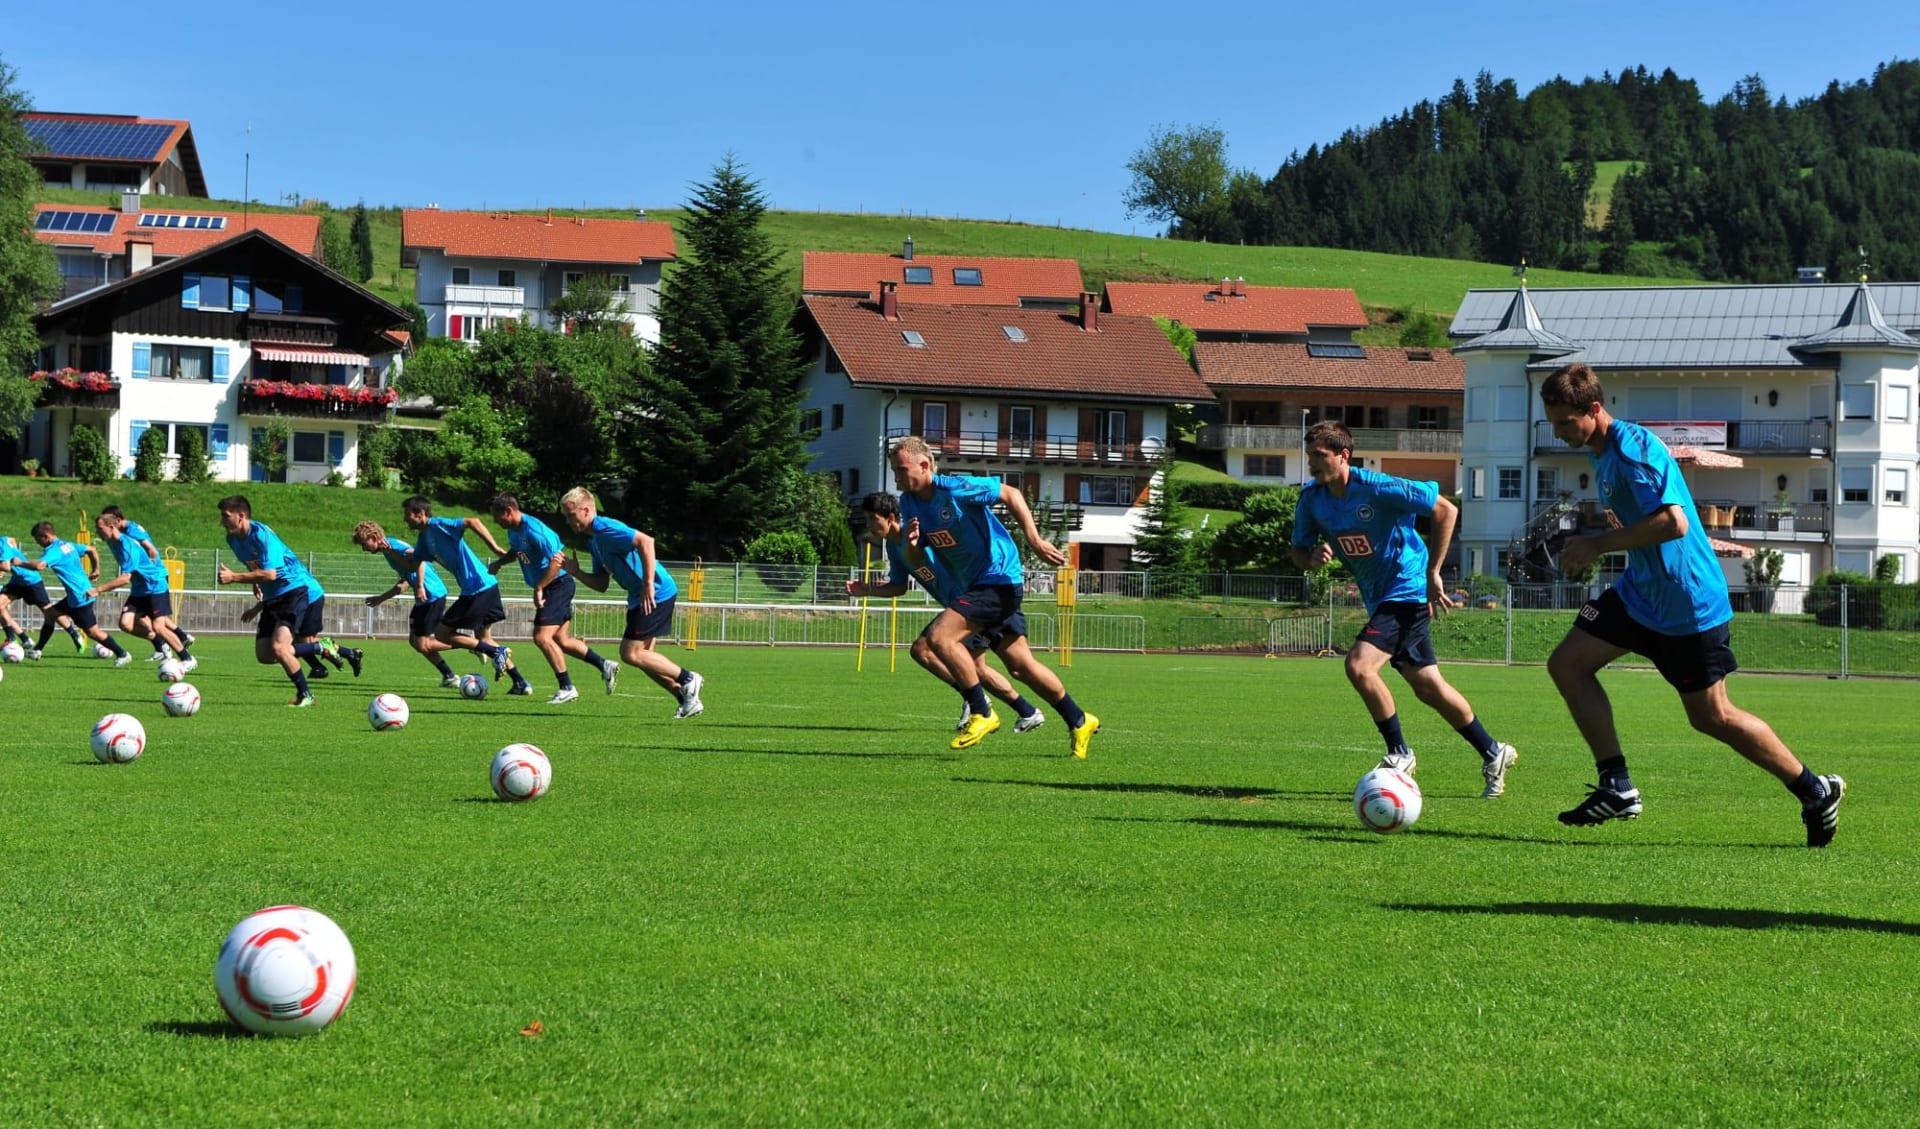 Oberstaufen - Hotel evviva!: A10_Deutschland - Oberstaufen - Trainingsplatz